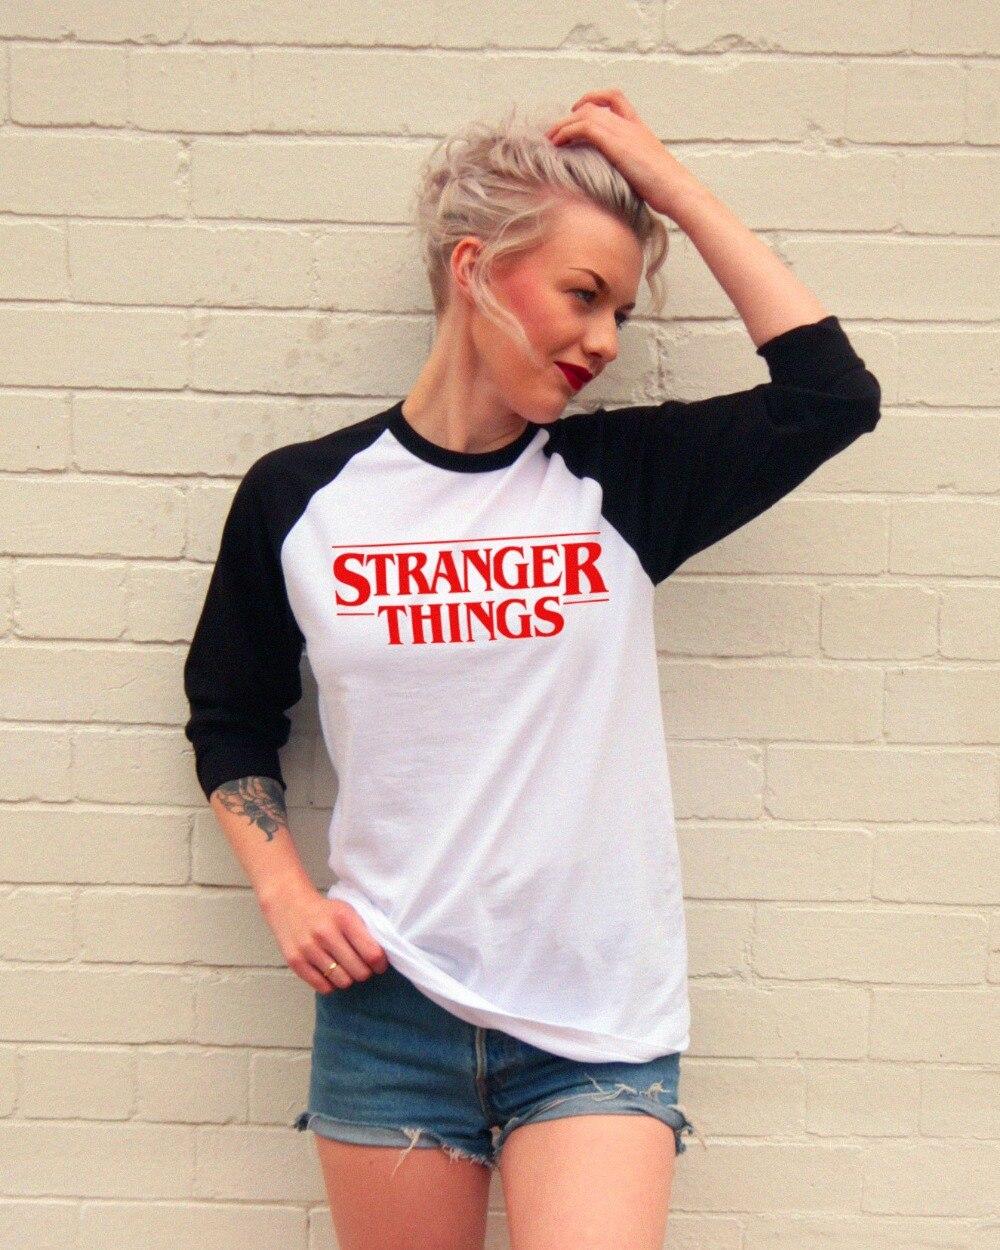 Estilo americano do vintage ringer t camisa de algodão manga longa coisas estranhas carta retalhos camiseta roupas moda feminina